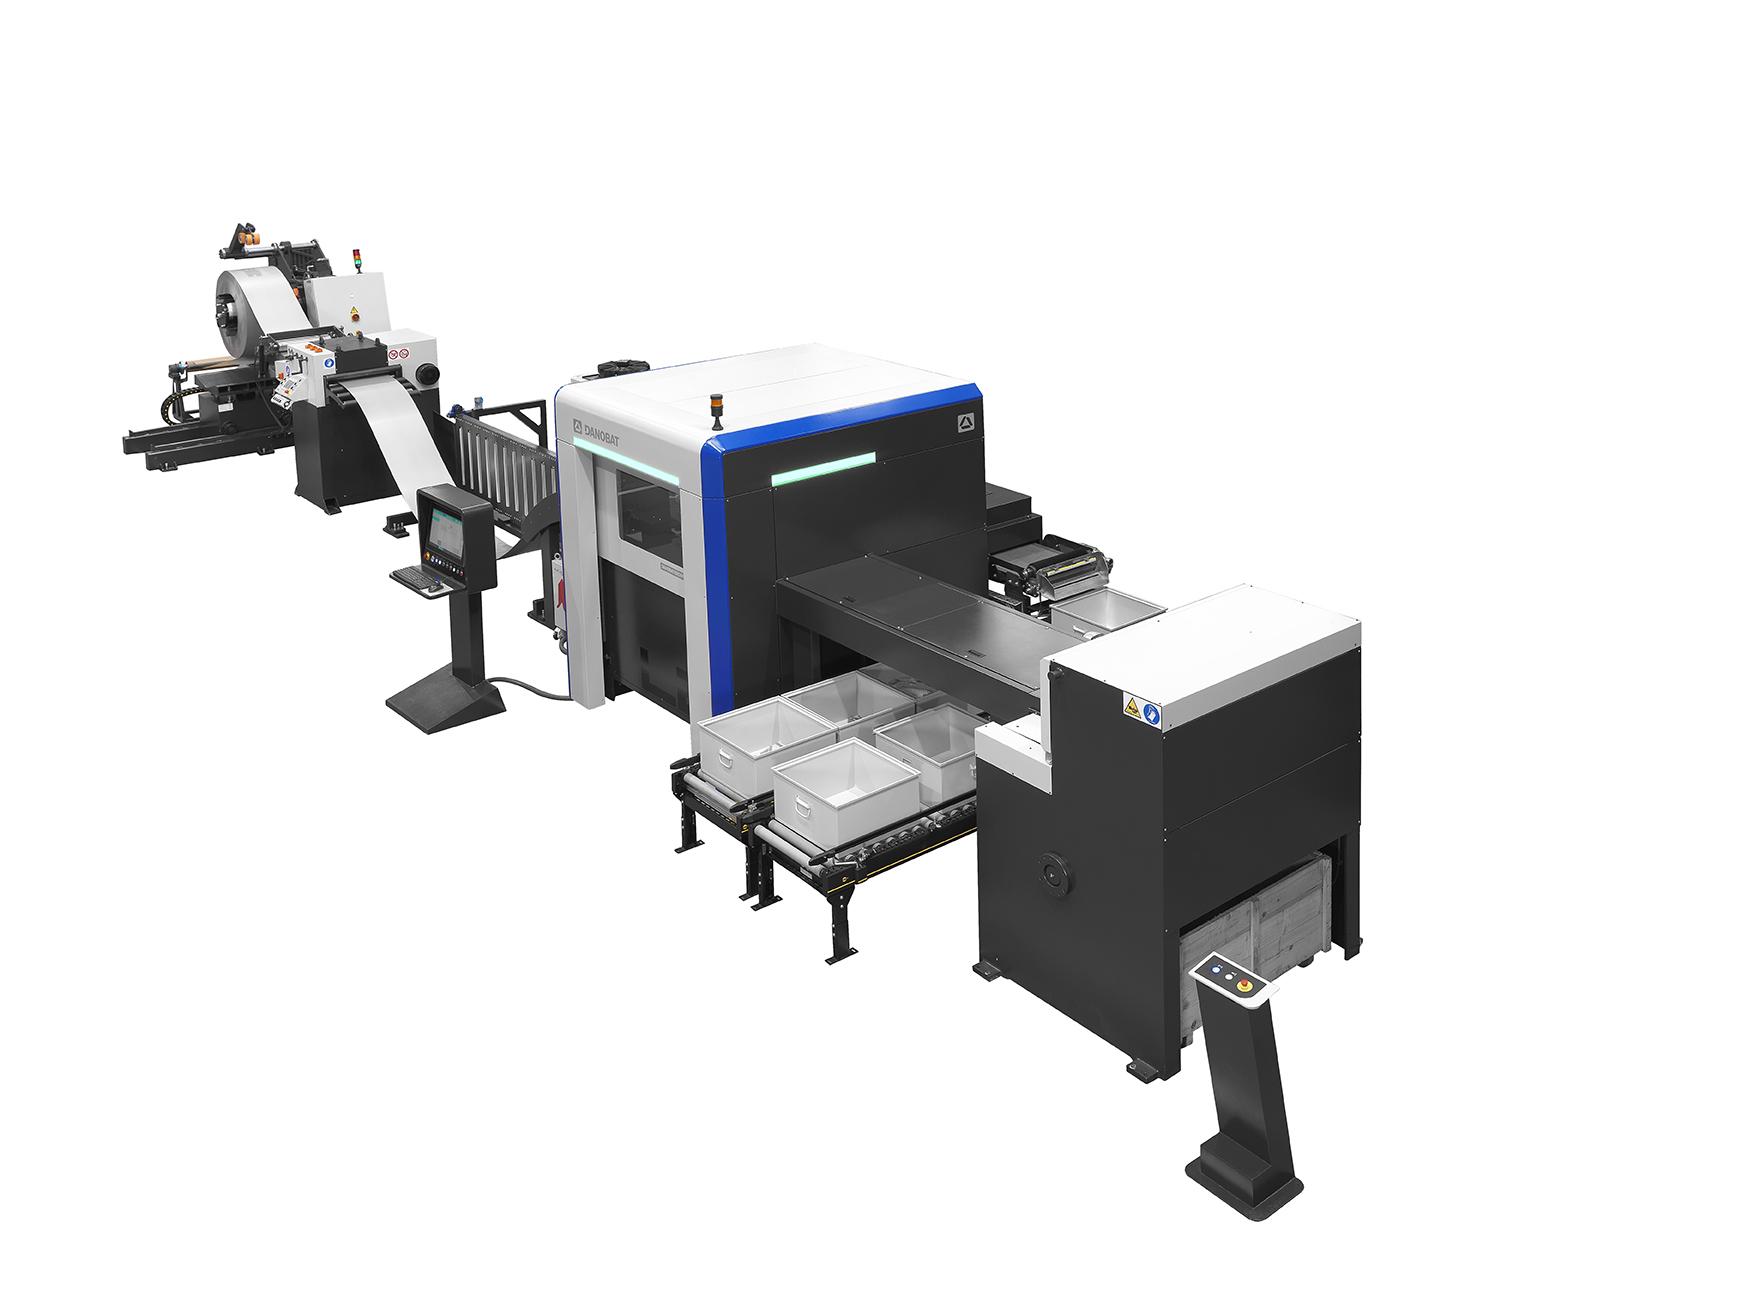 coil fed laser blanking line - DANOBAT LB